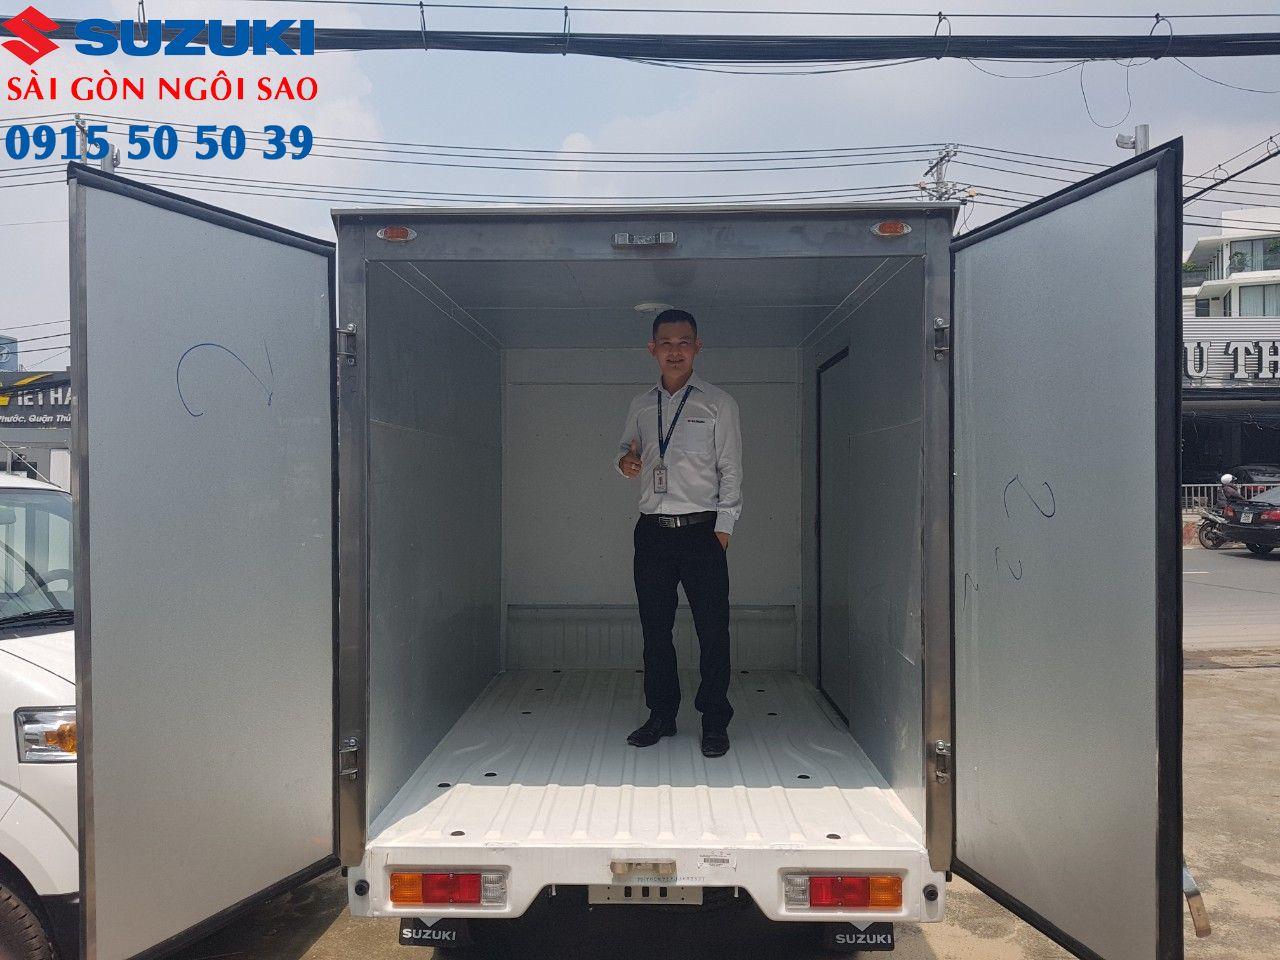 xe-tai-suzuki-810kg-thung-kin